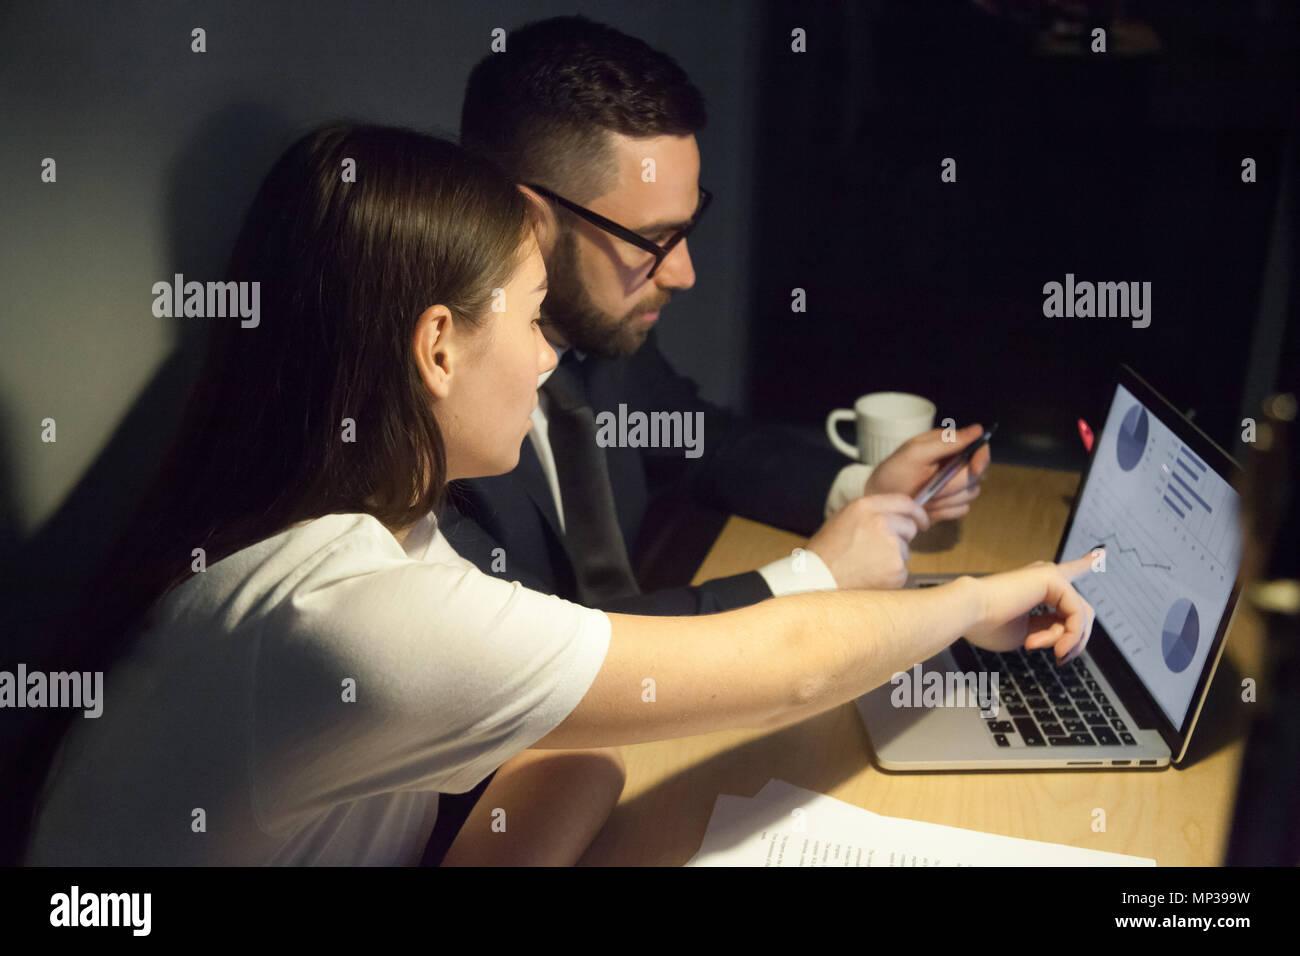 Fokussierte Kollegen analysieren die Gewinne der Unternehmen arbeiten zu spät aus Stockbild